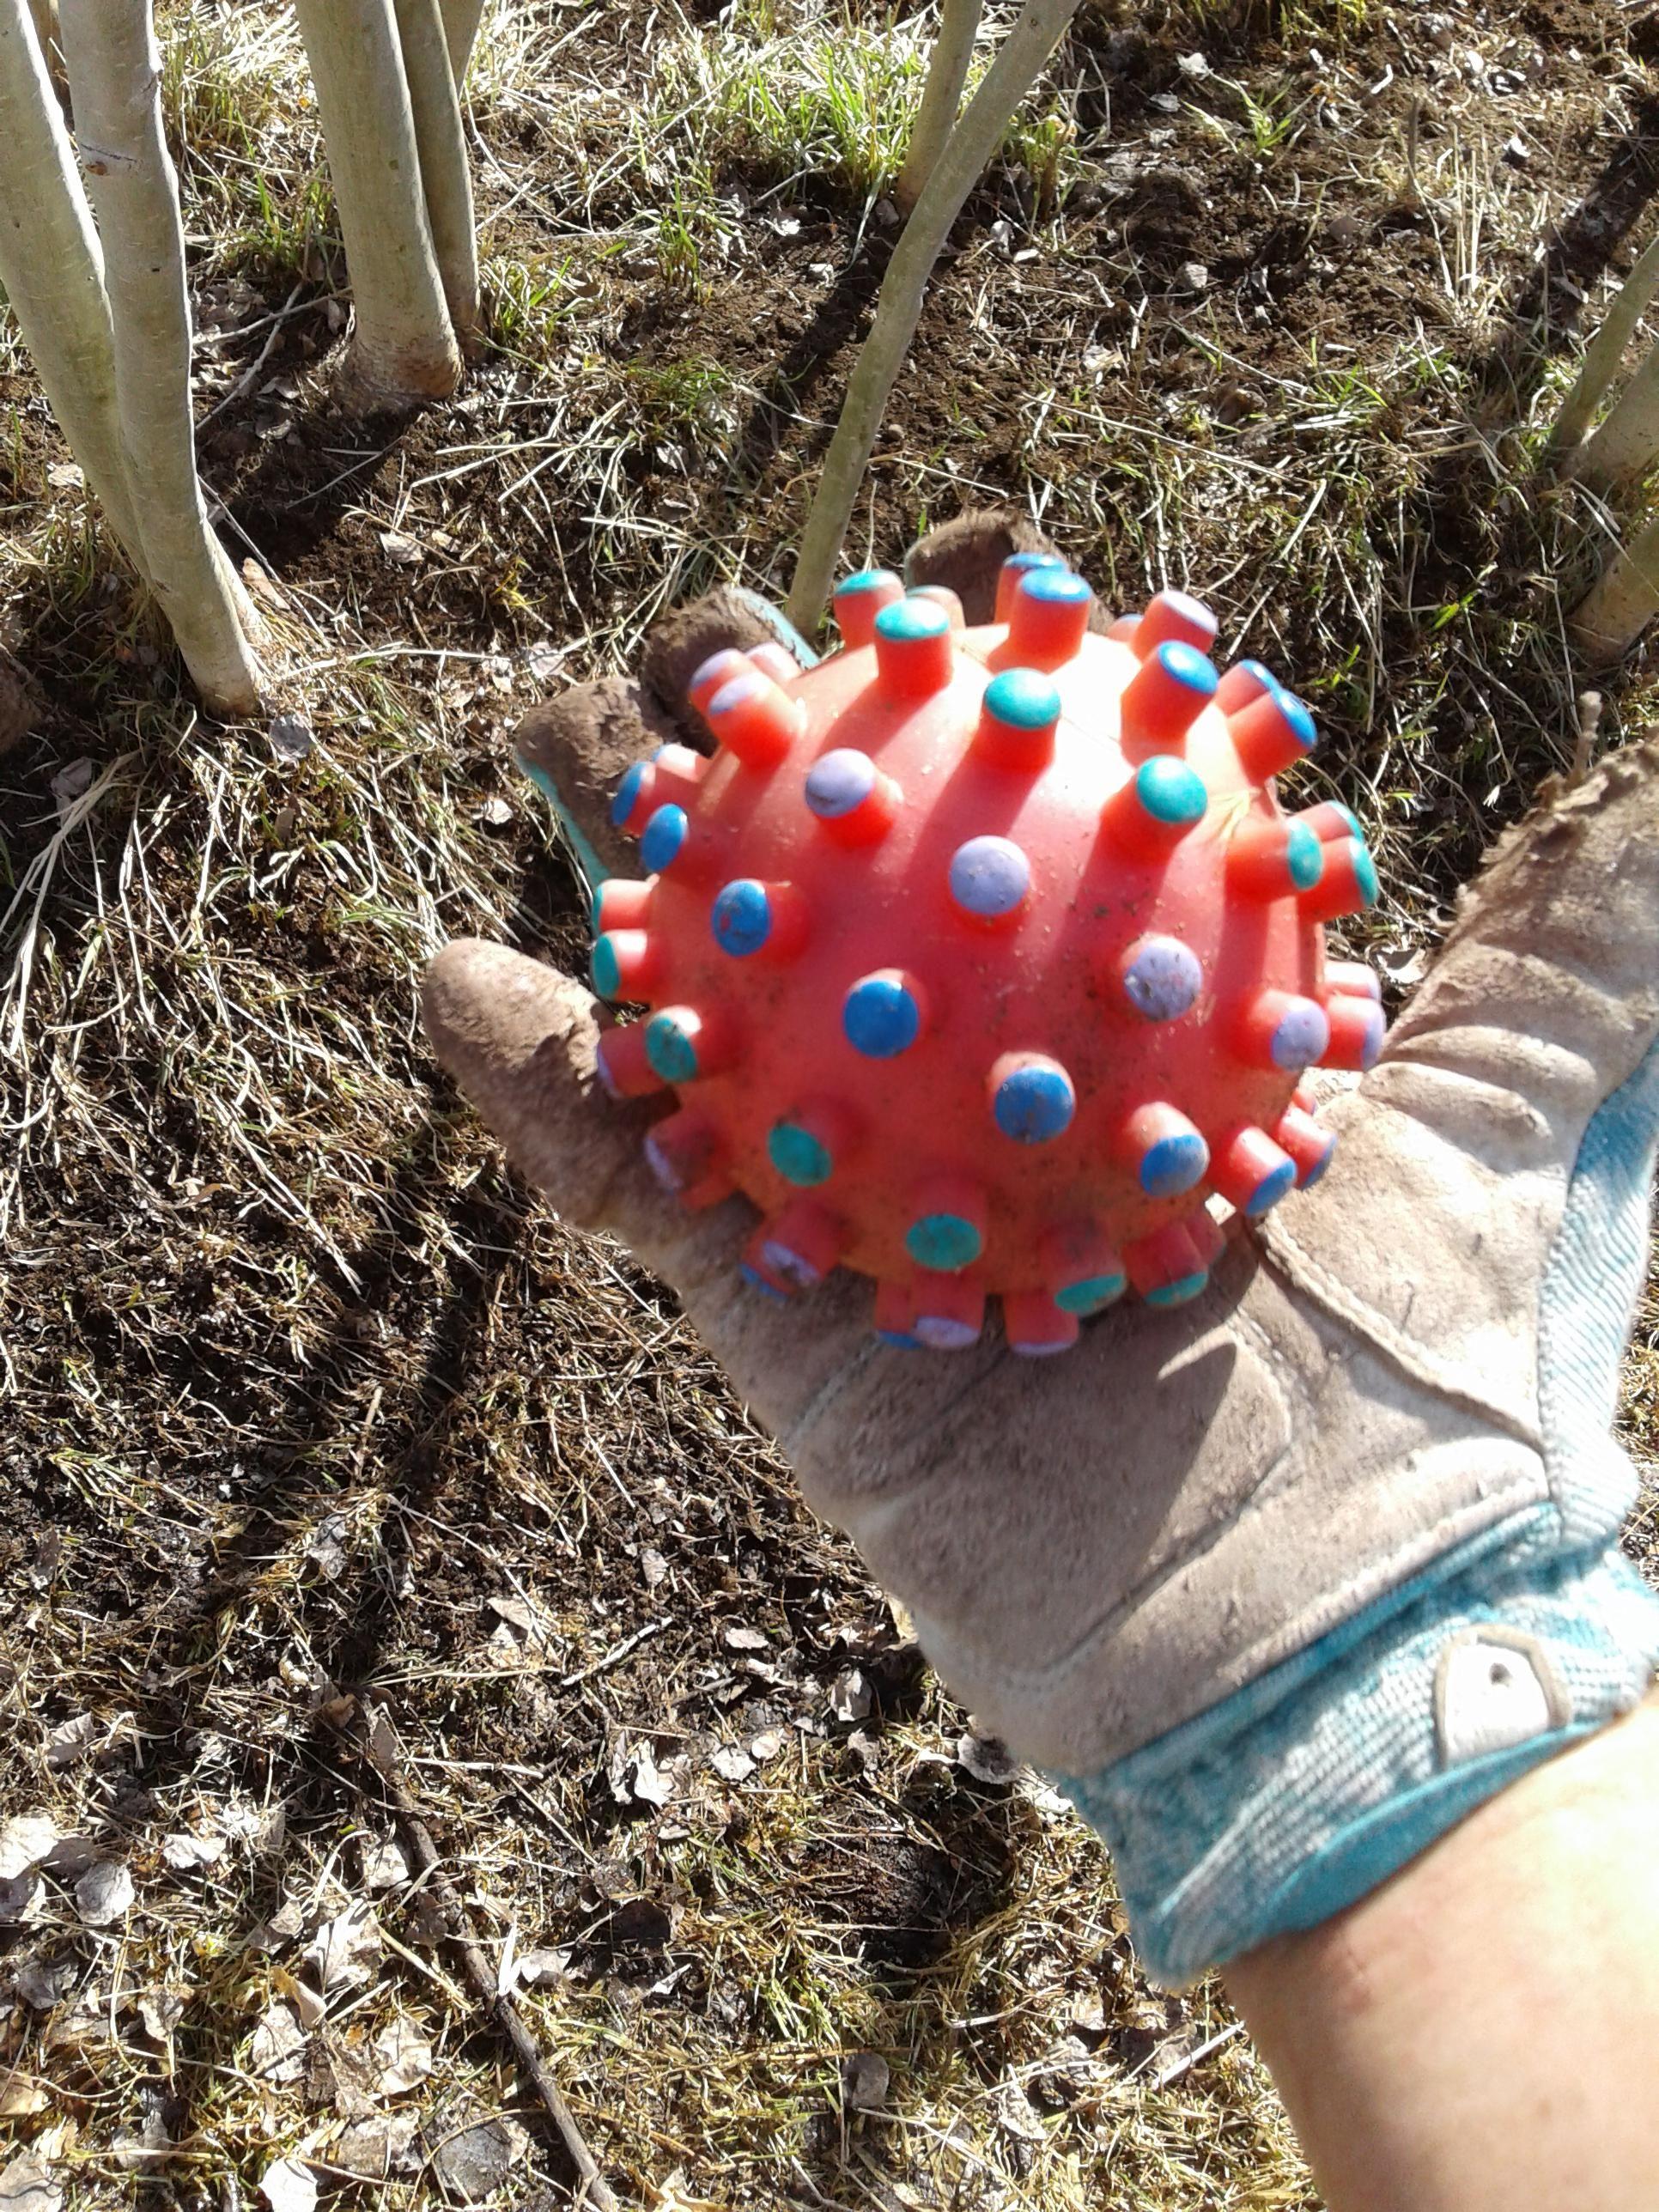 Working in the yard yesterday I think I found the original coronavirus